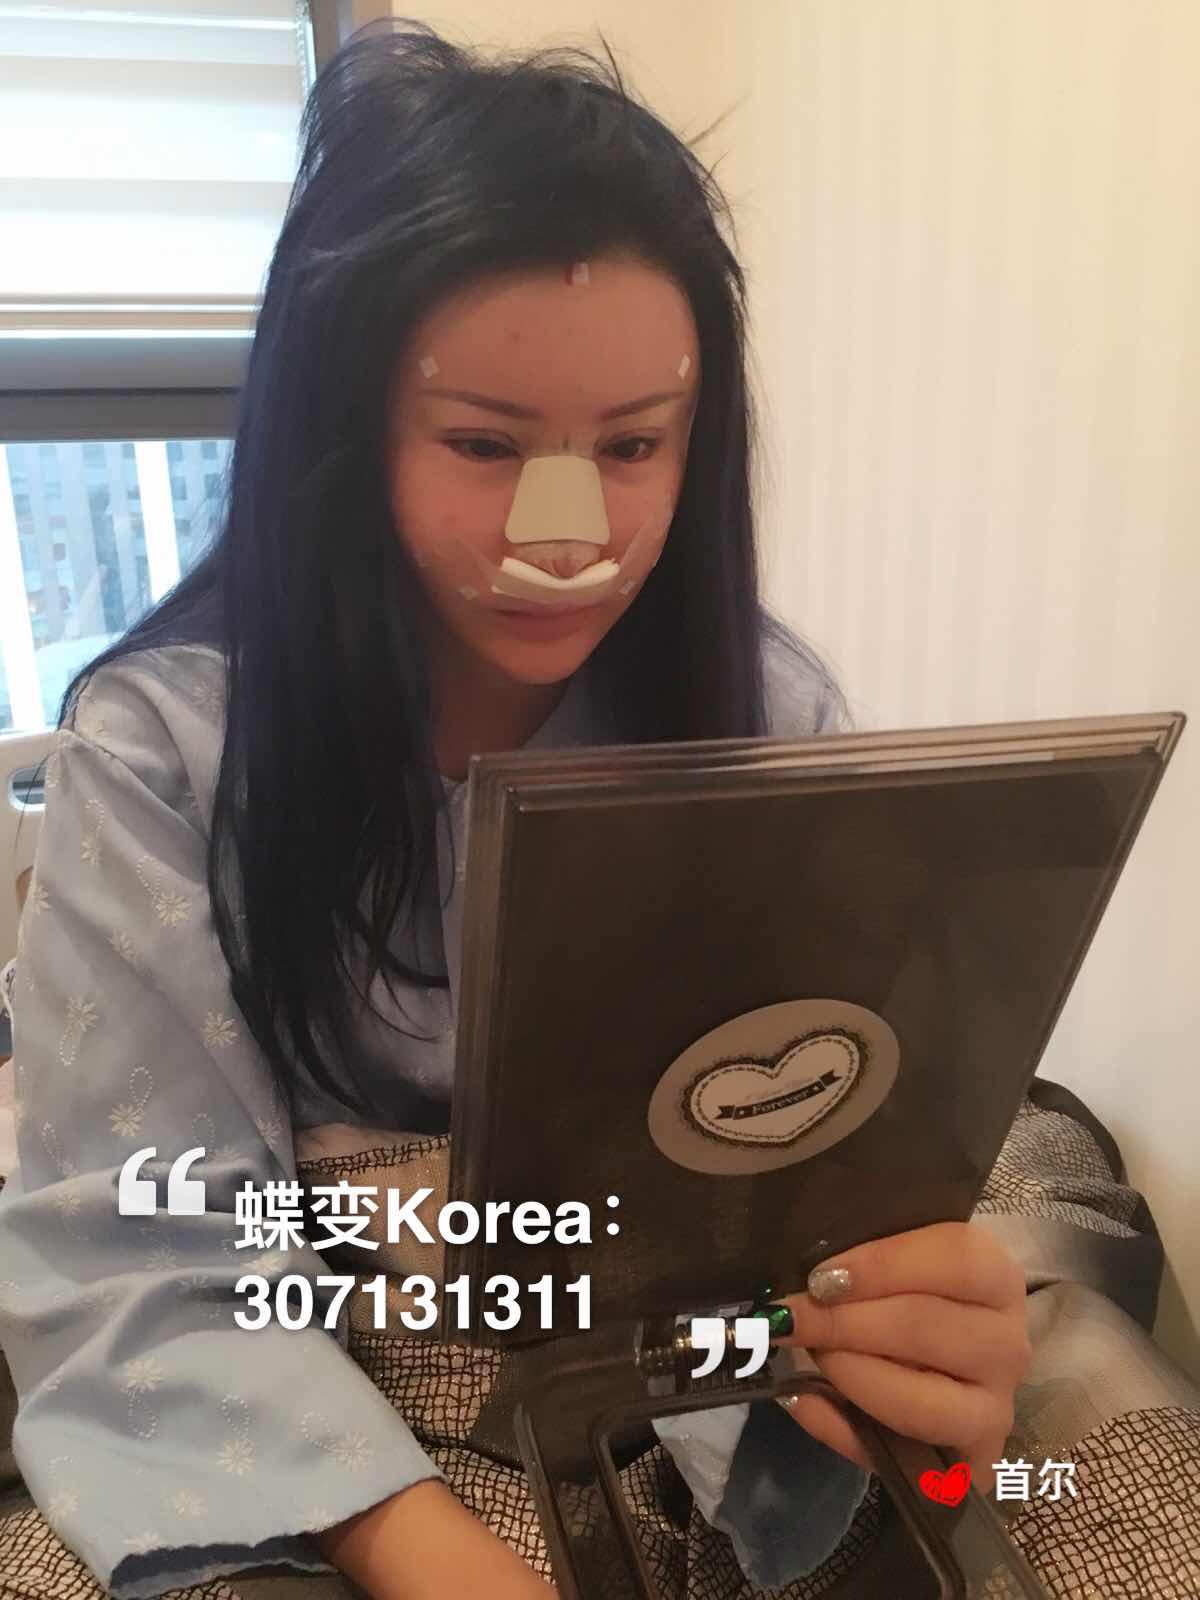 全切双眼皮修复手术,姐姐手术出来啦啦啦啦,做的双眼皮全切修复,开眼角,脂肪填充,鼻子,姐姐双眼皮做了6次了,大家看一点不肿吧,而且是全切的哦,柳院长棒棒的。